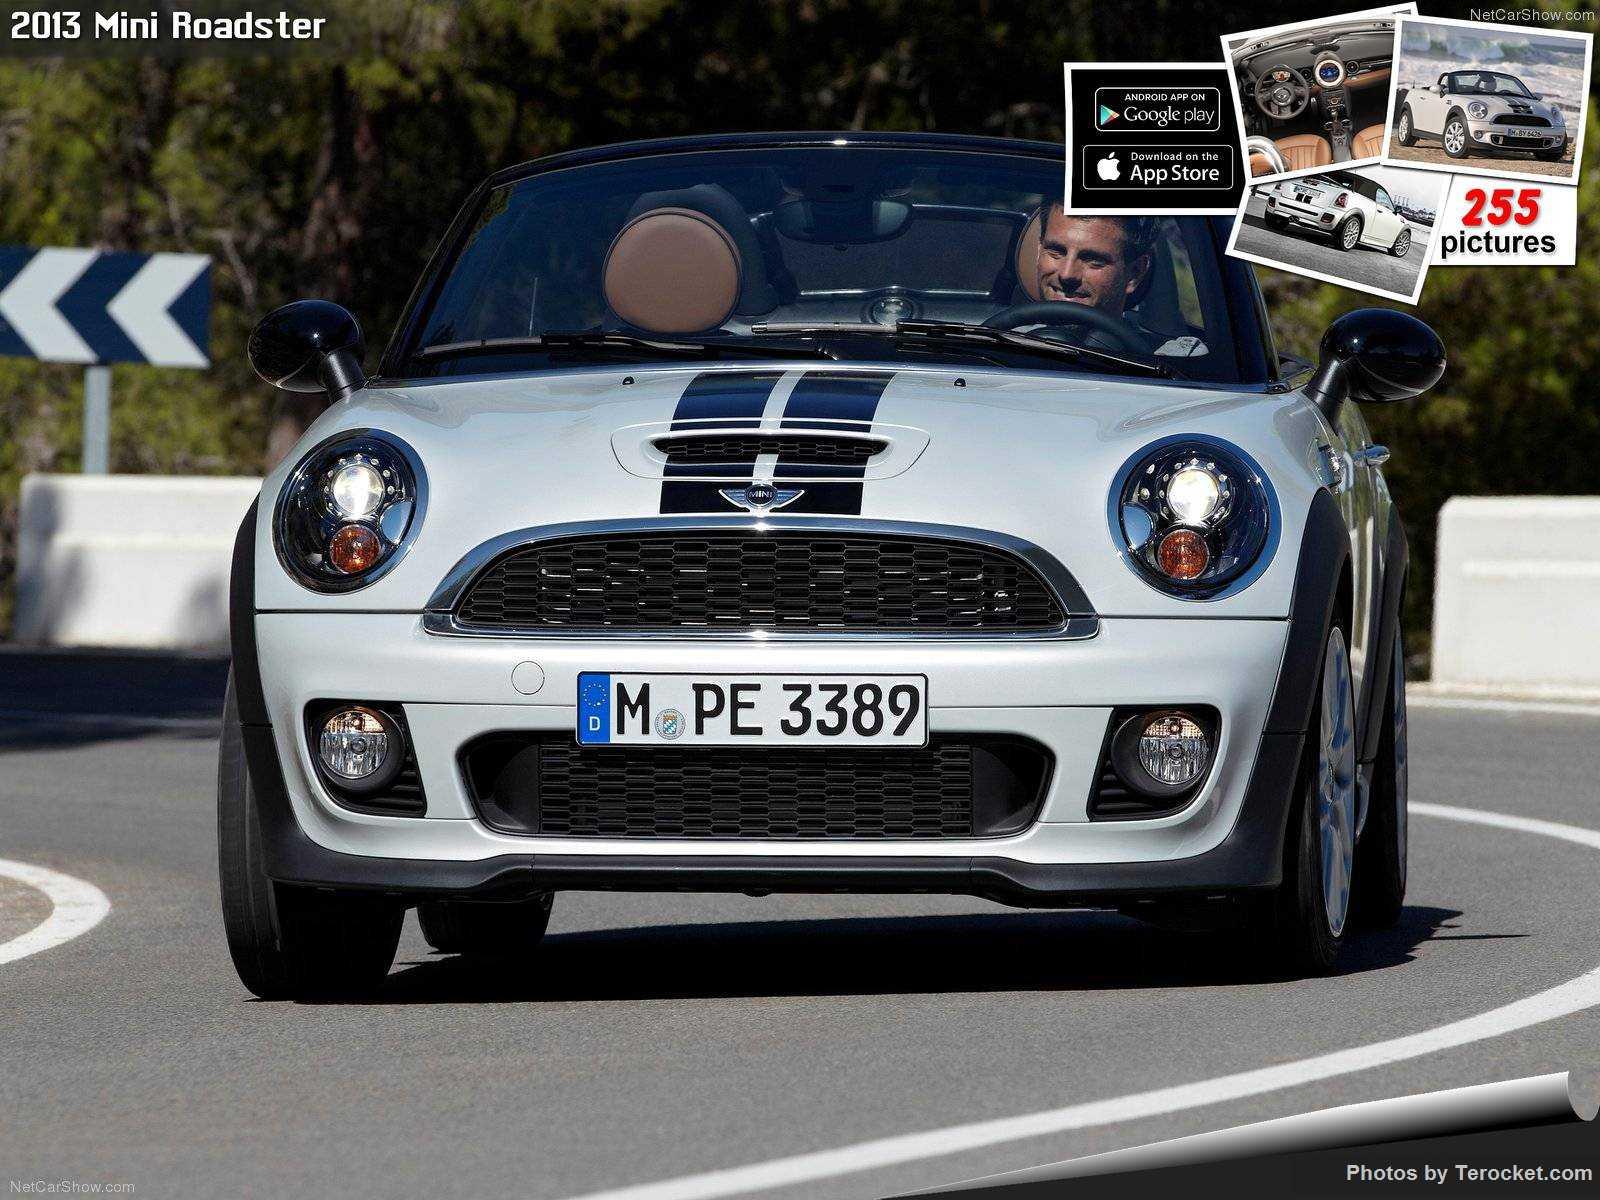 Hình ảnh xe ô tô Mini Roadster 2013 & nội ngoại thất